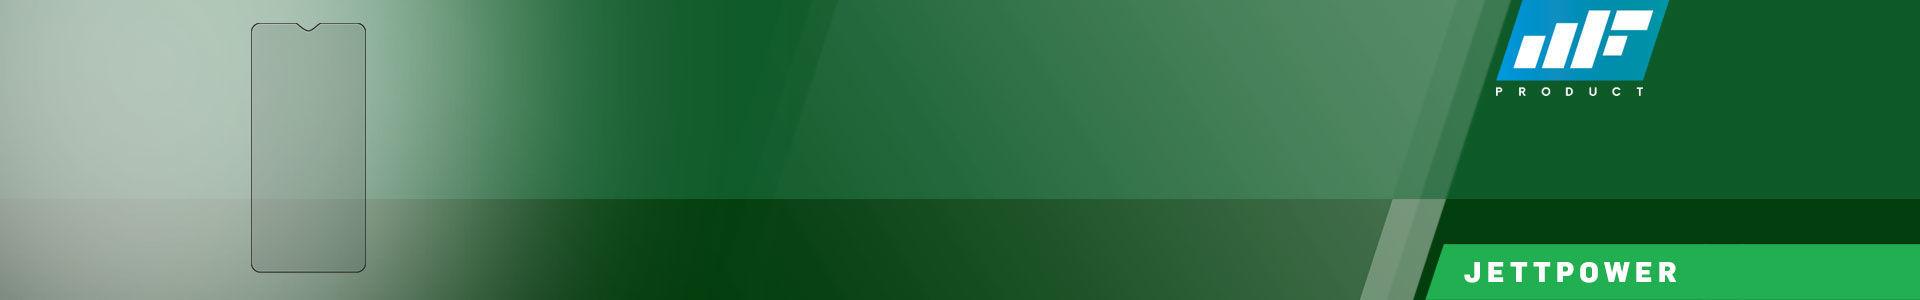 MF Product Jettpower 0420 Klasik Ekran Koruyucu Cam Oppo Rx17 için en doğru adrestesin!